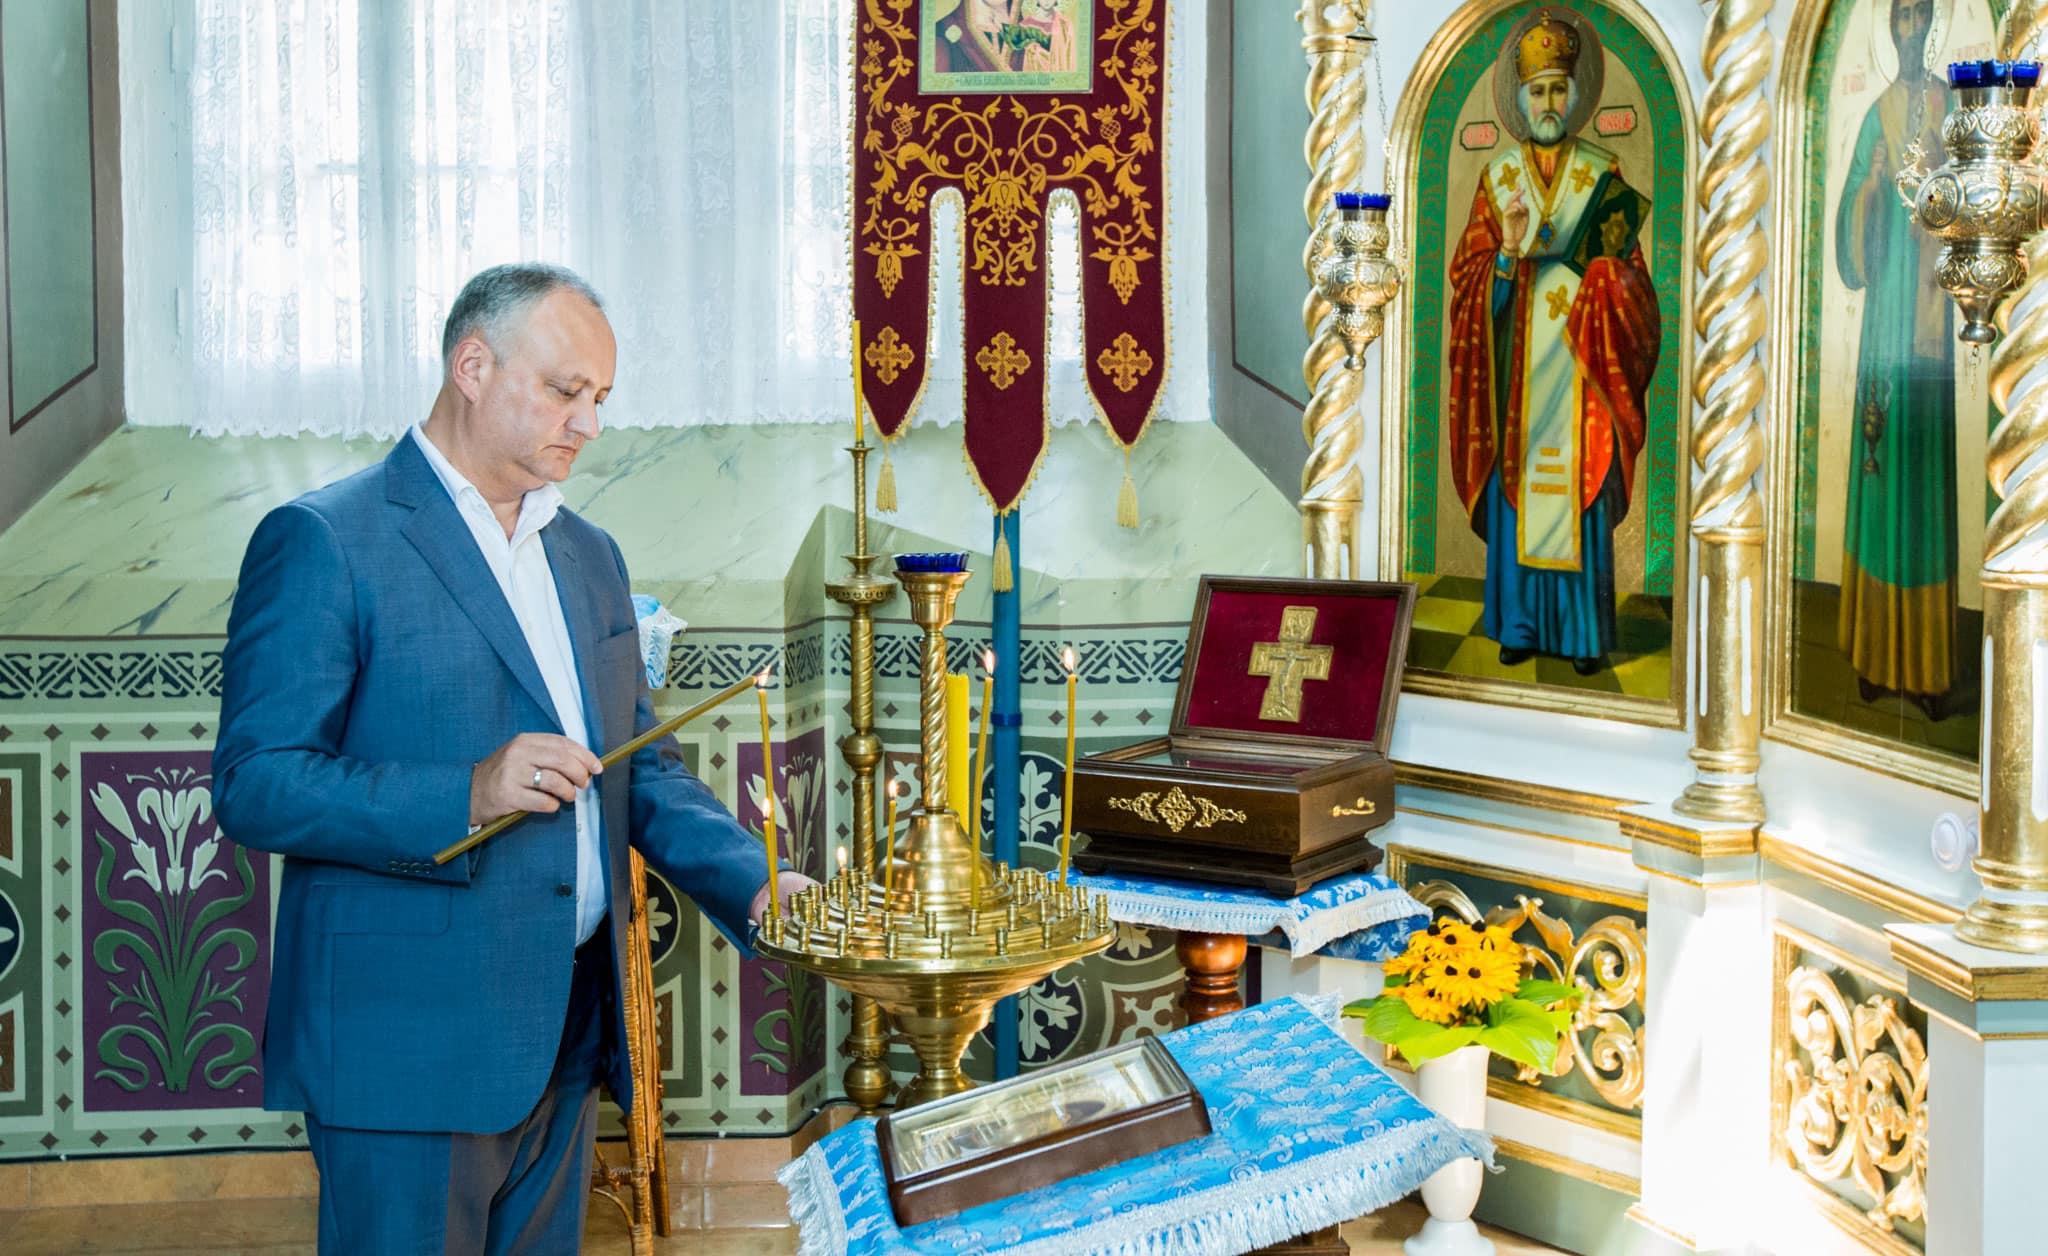 Президент помолился за мир в стране и благополучие народа в монастыре у Цигэнешть (ФОТО)